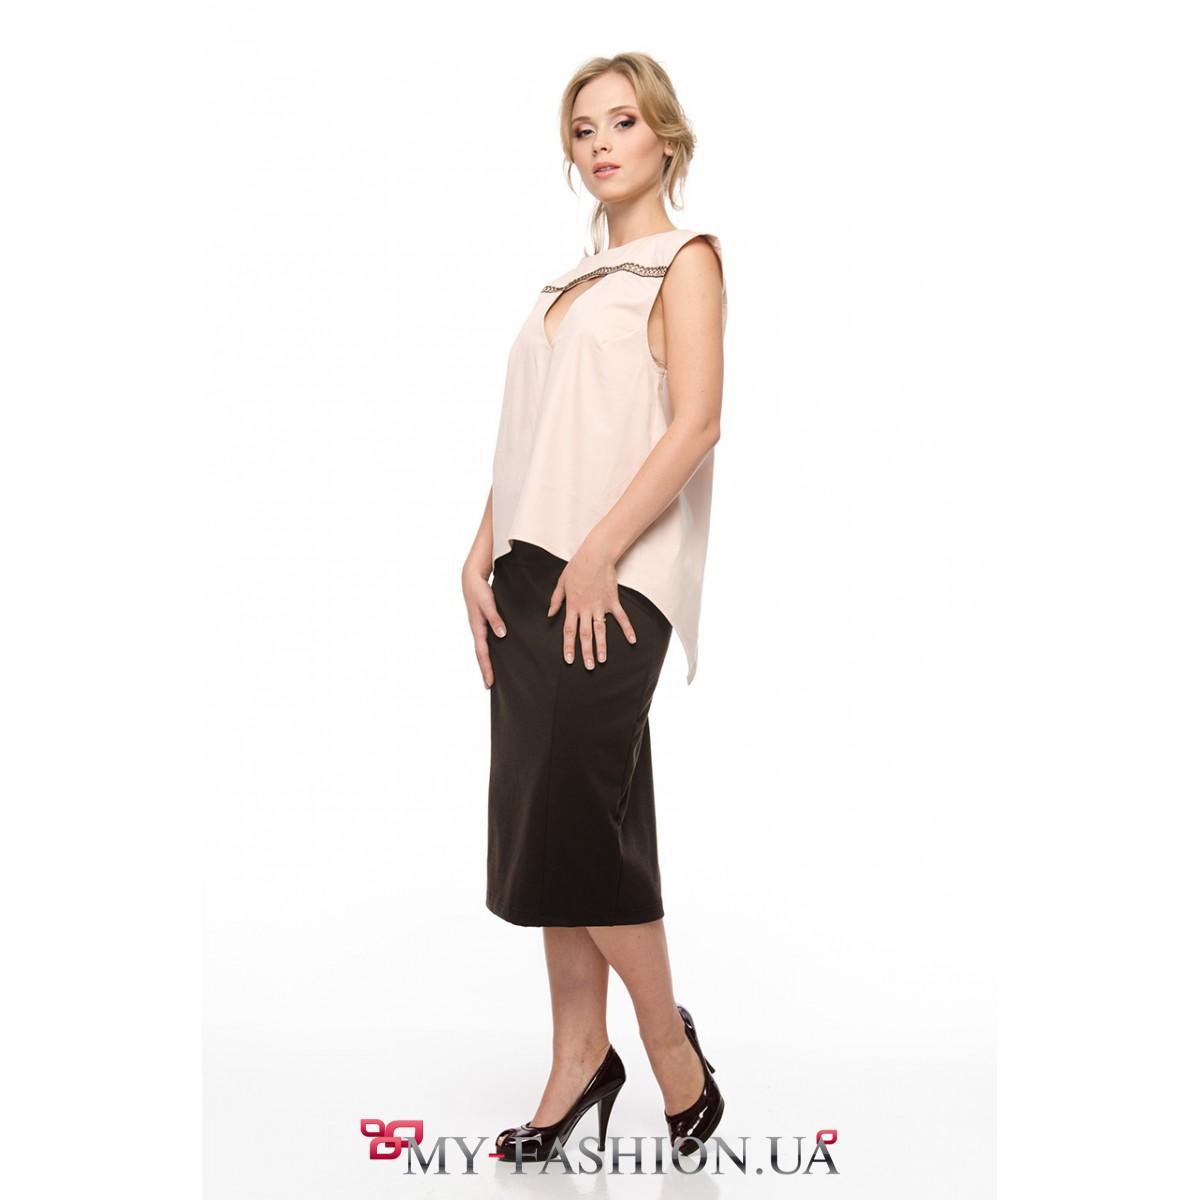 Асимметричная блузка доставка